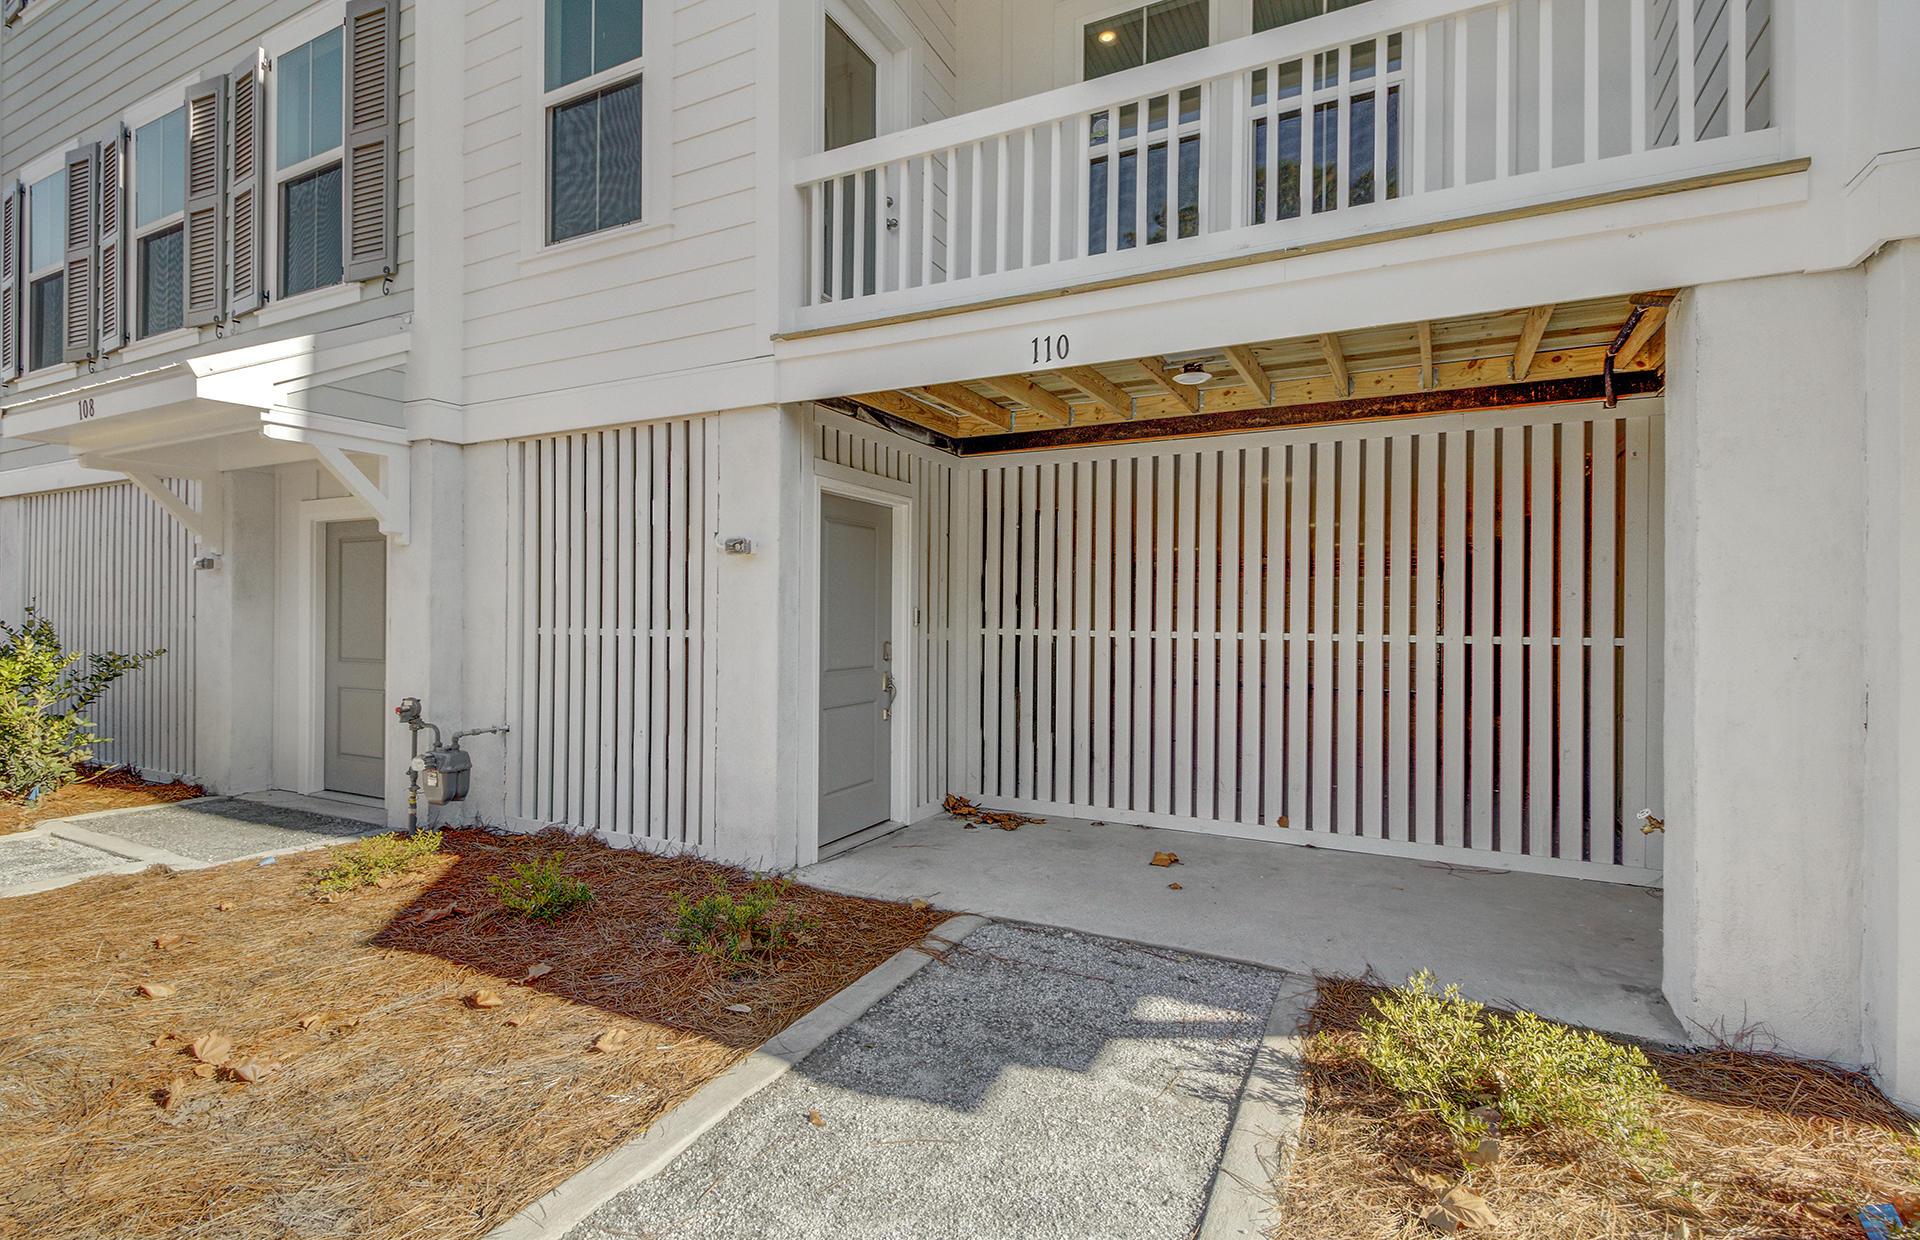 Kings Flats Homes For Sale - 110 Alder, Charleston, SC - 7